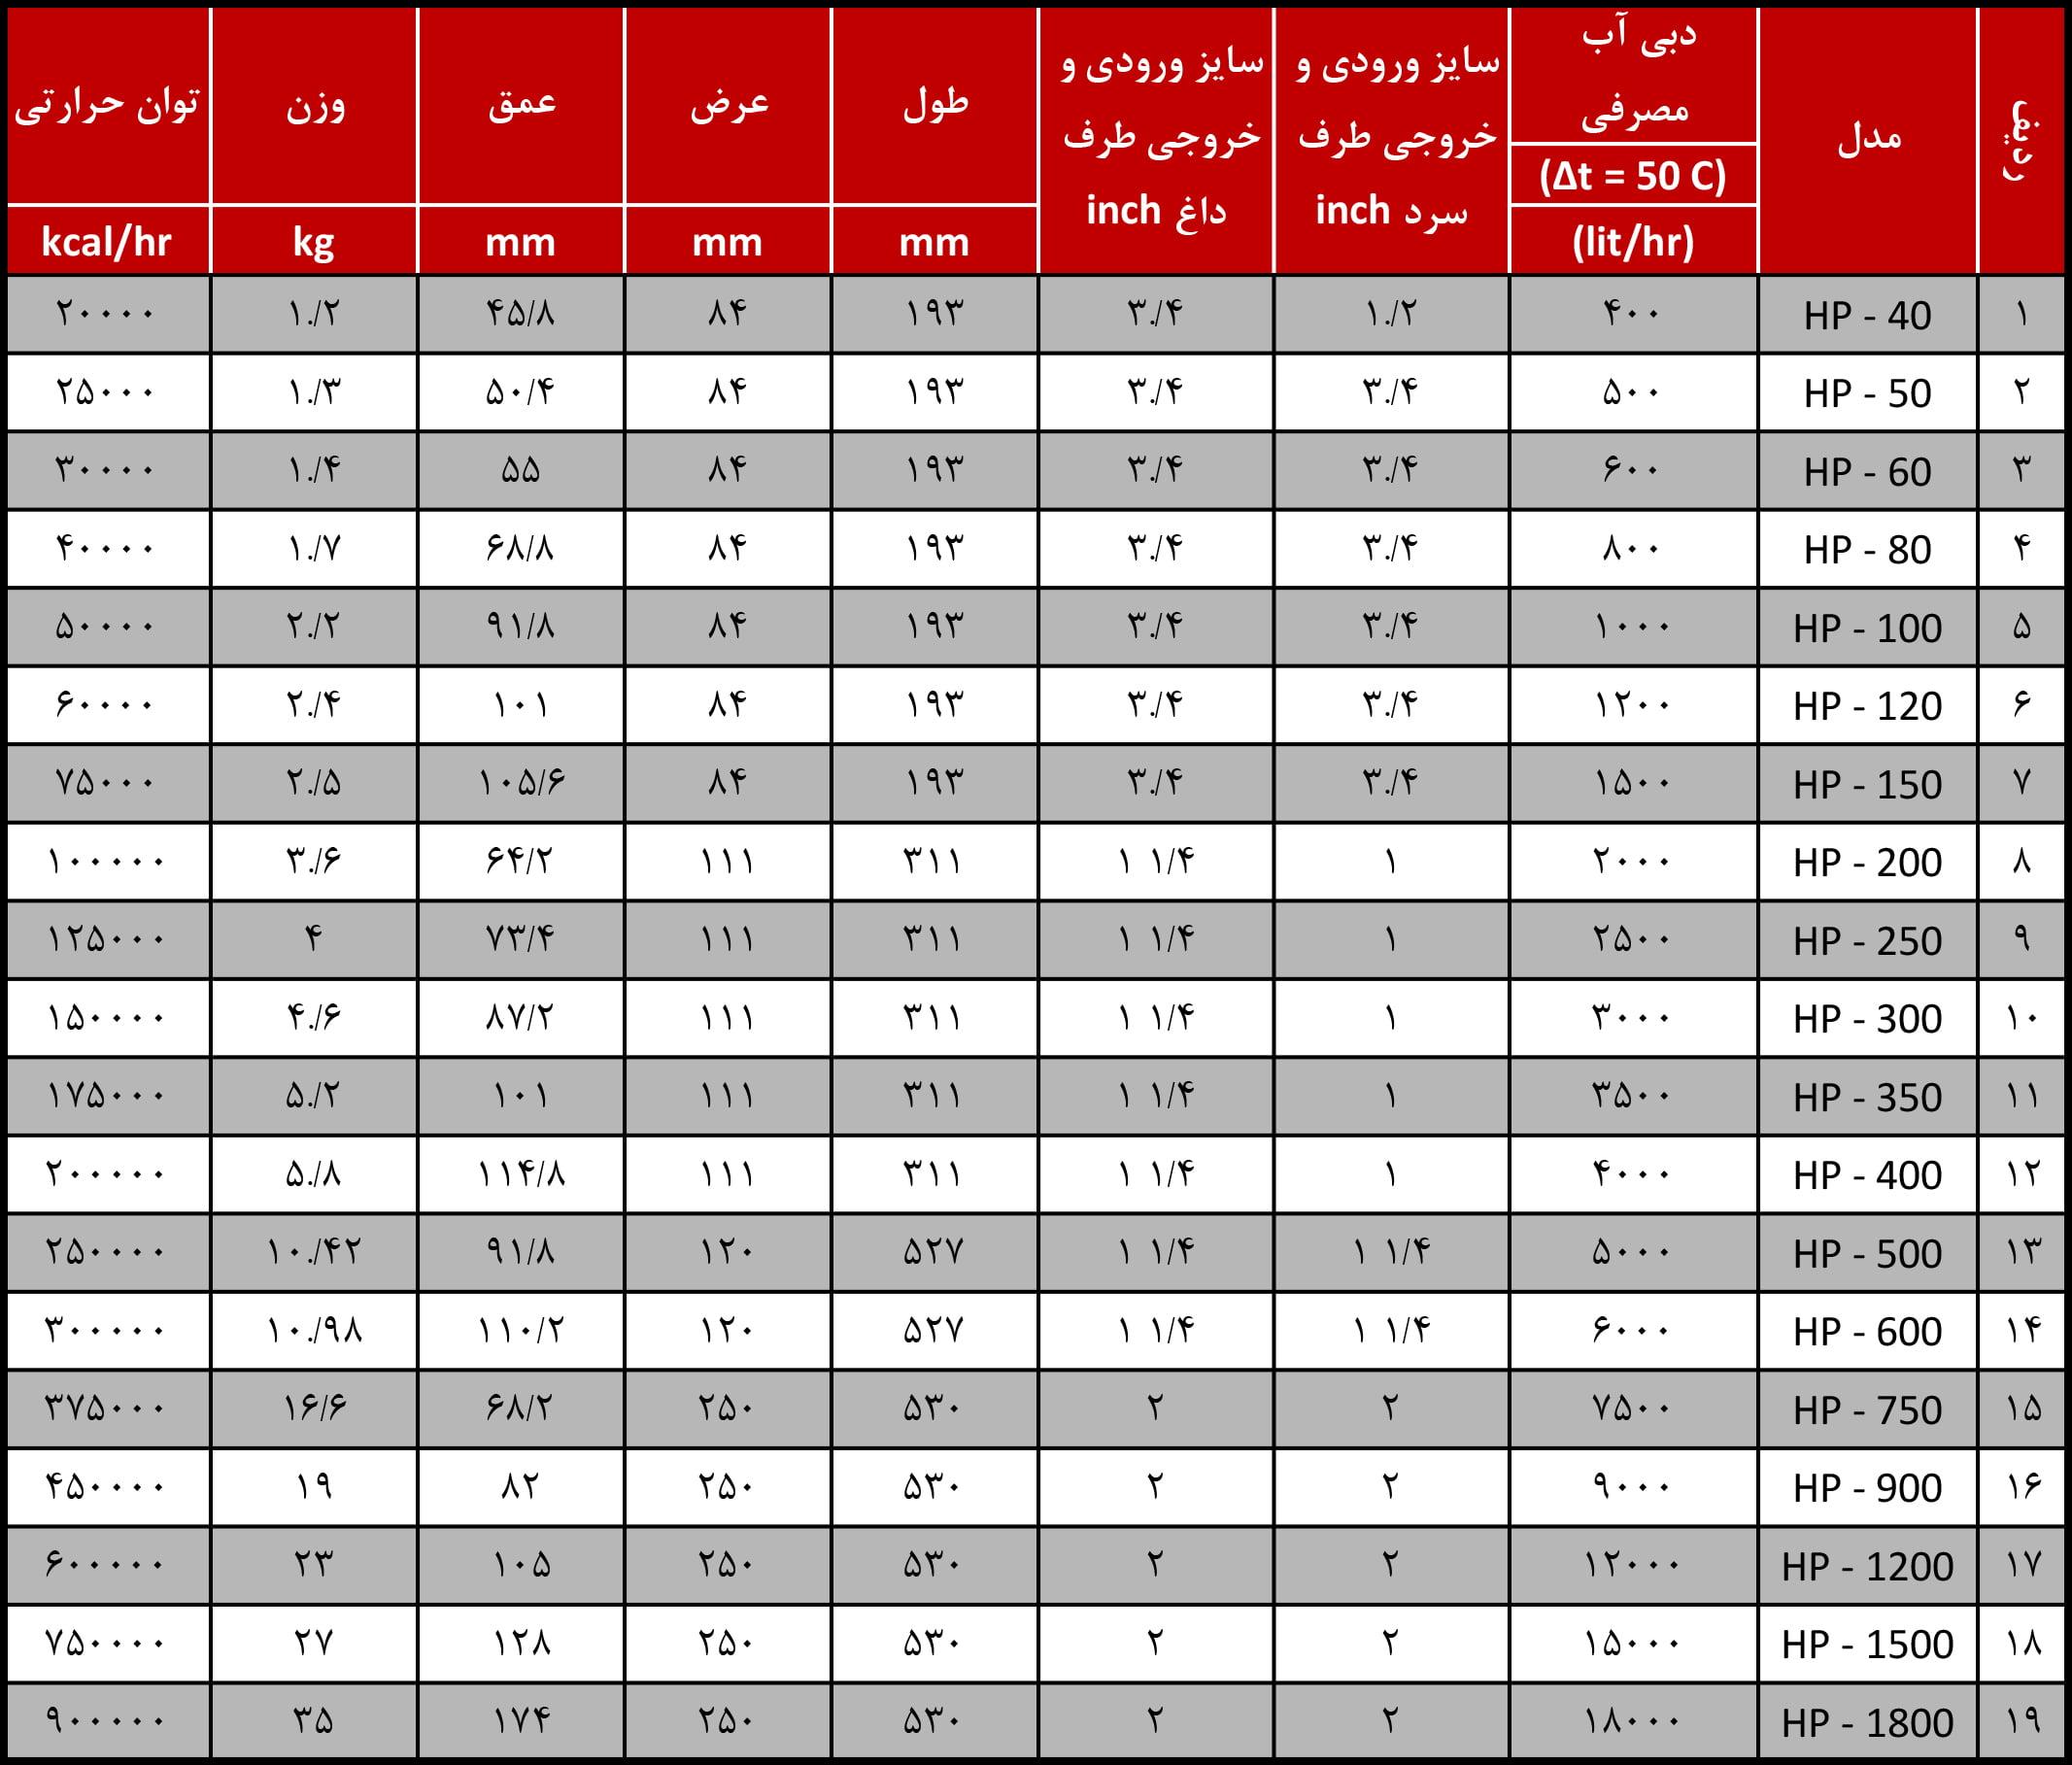 جدول ظرفیت و مشخصات فنی مبدل های حرارتی هپاکو( آب به آب )